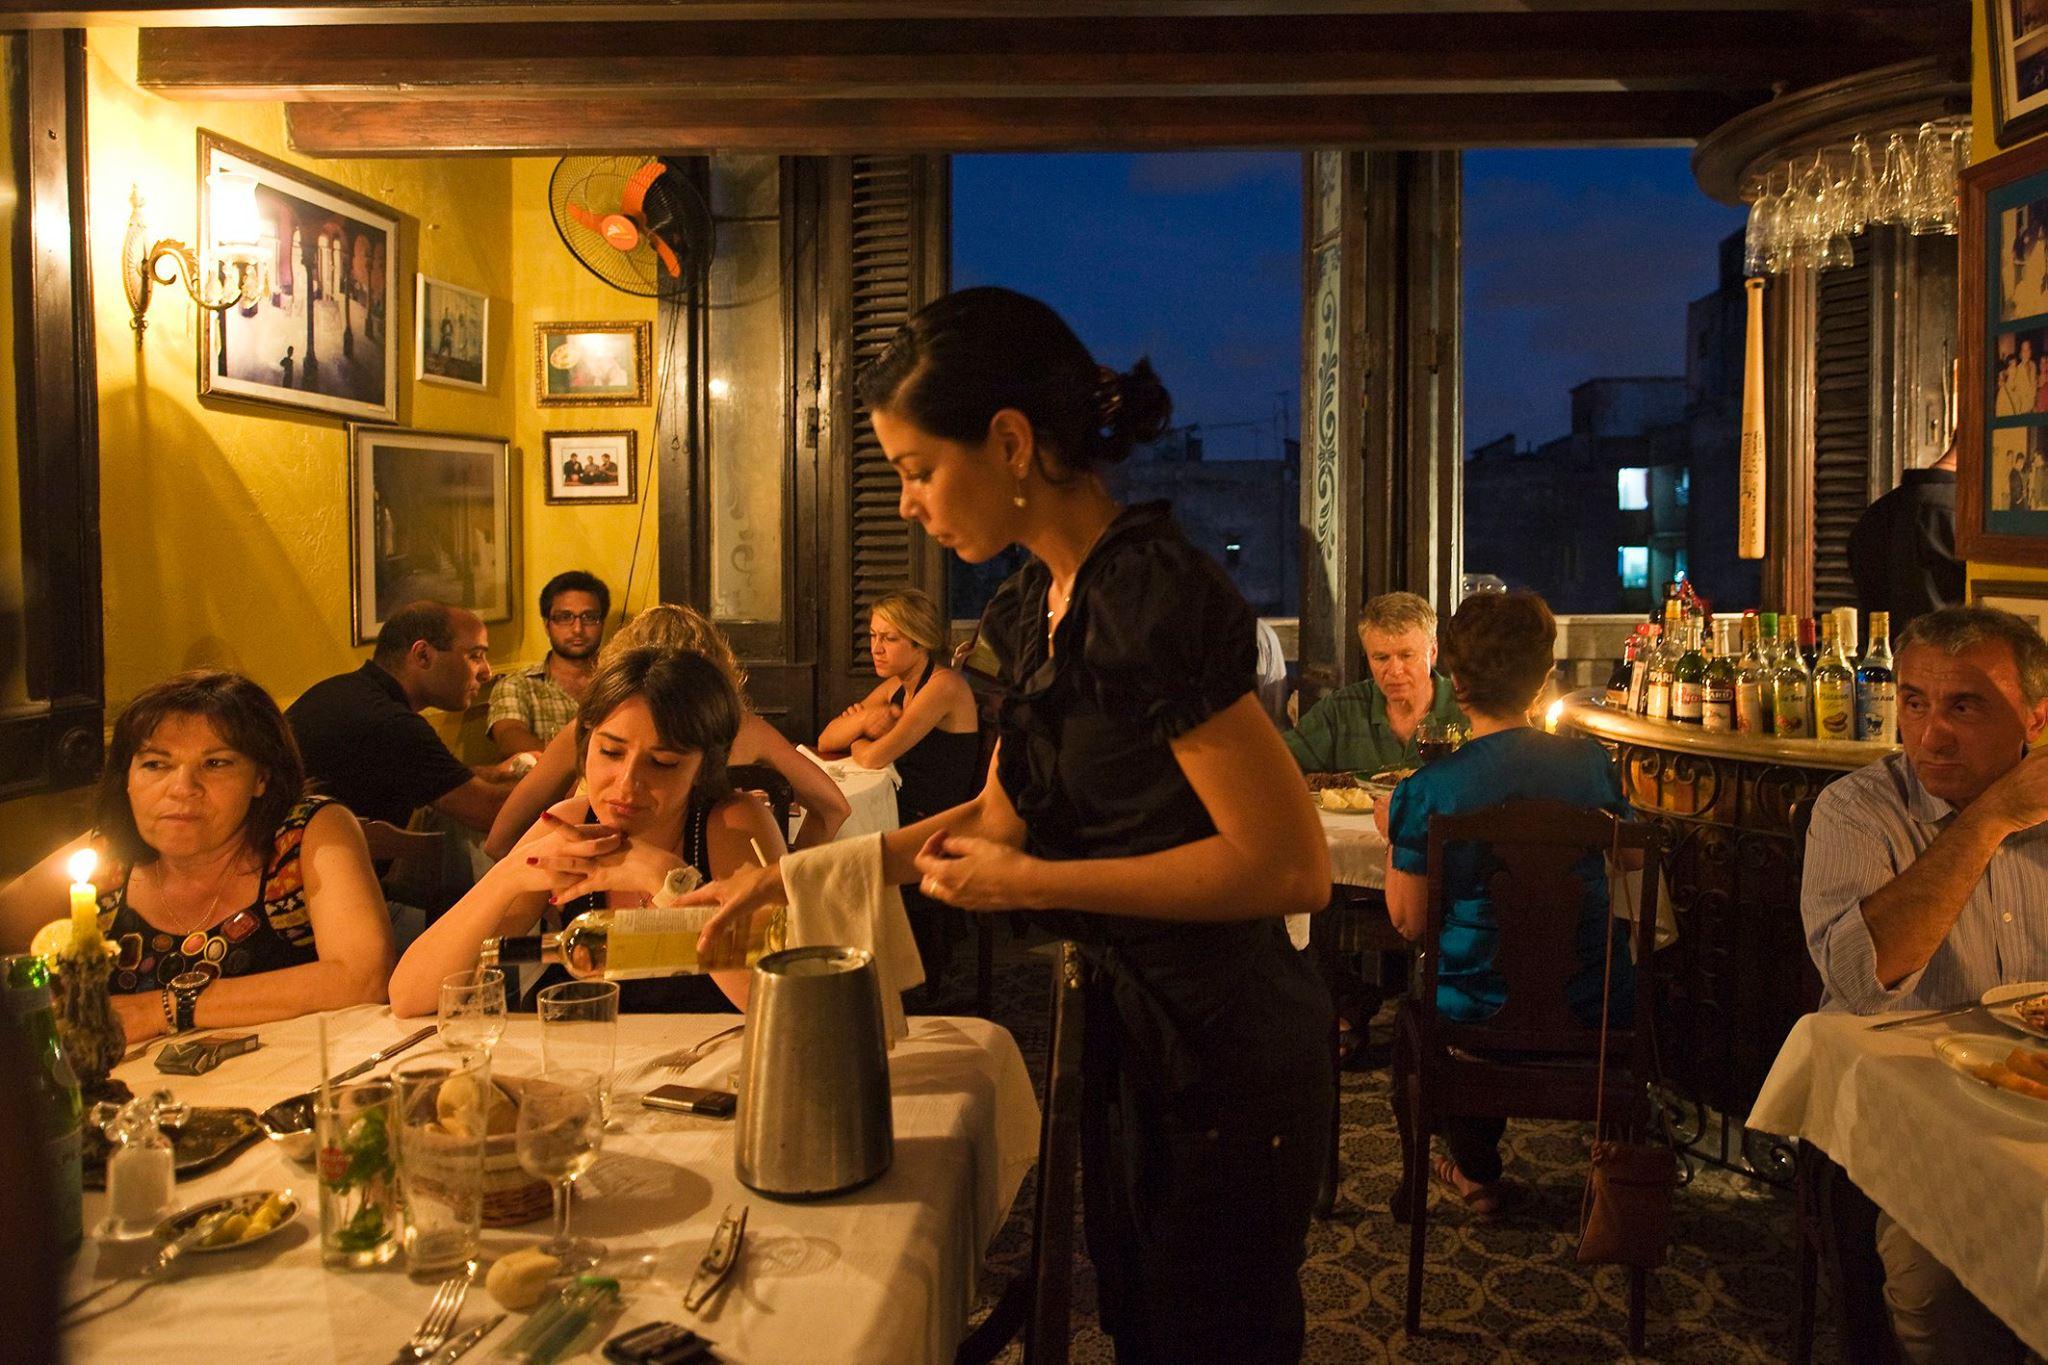 """Paladar """"La Guarida"""", ubicada en La Habana, Cuba (Foto tomada del sitio oficial de La Guarida en Facebook, reproducida con autorización)"""